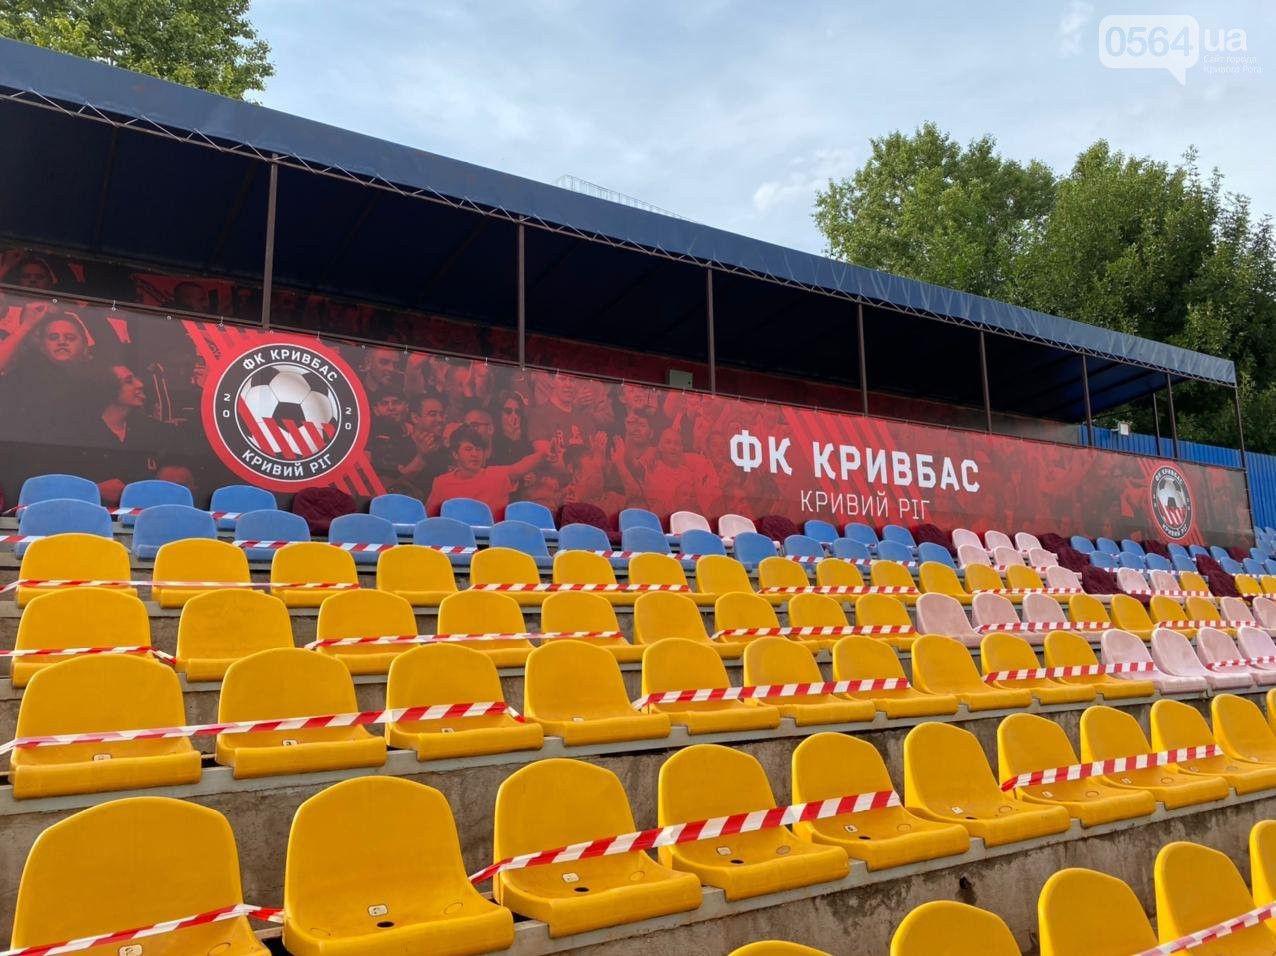 В Кривом Роге представили возрожденный Кривбасс - изображение 2